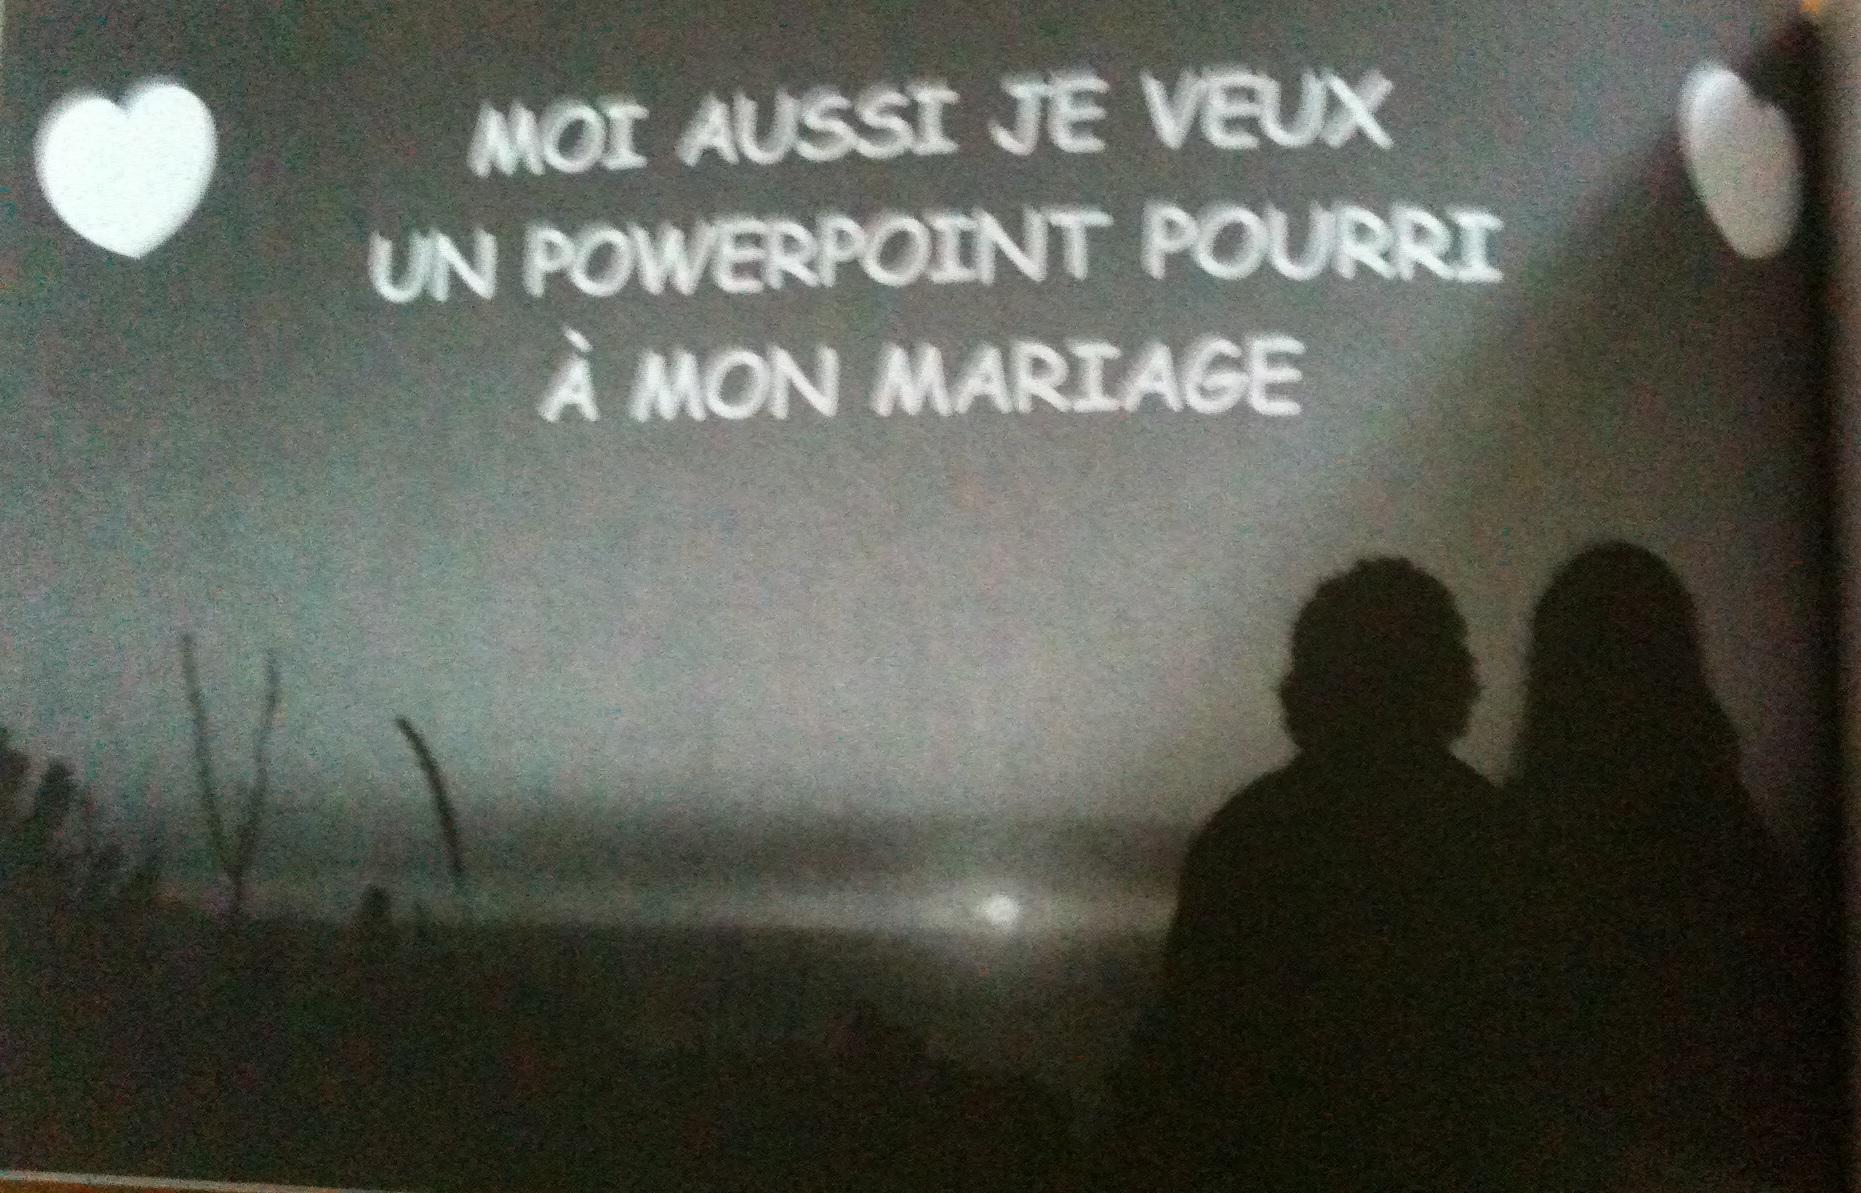 Le mariage pour tous - Les murs ont la parole Marie Clavel